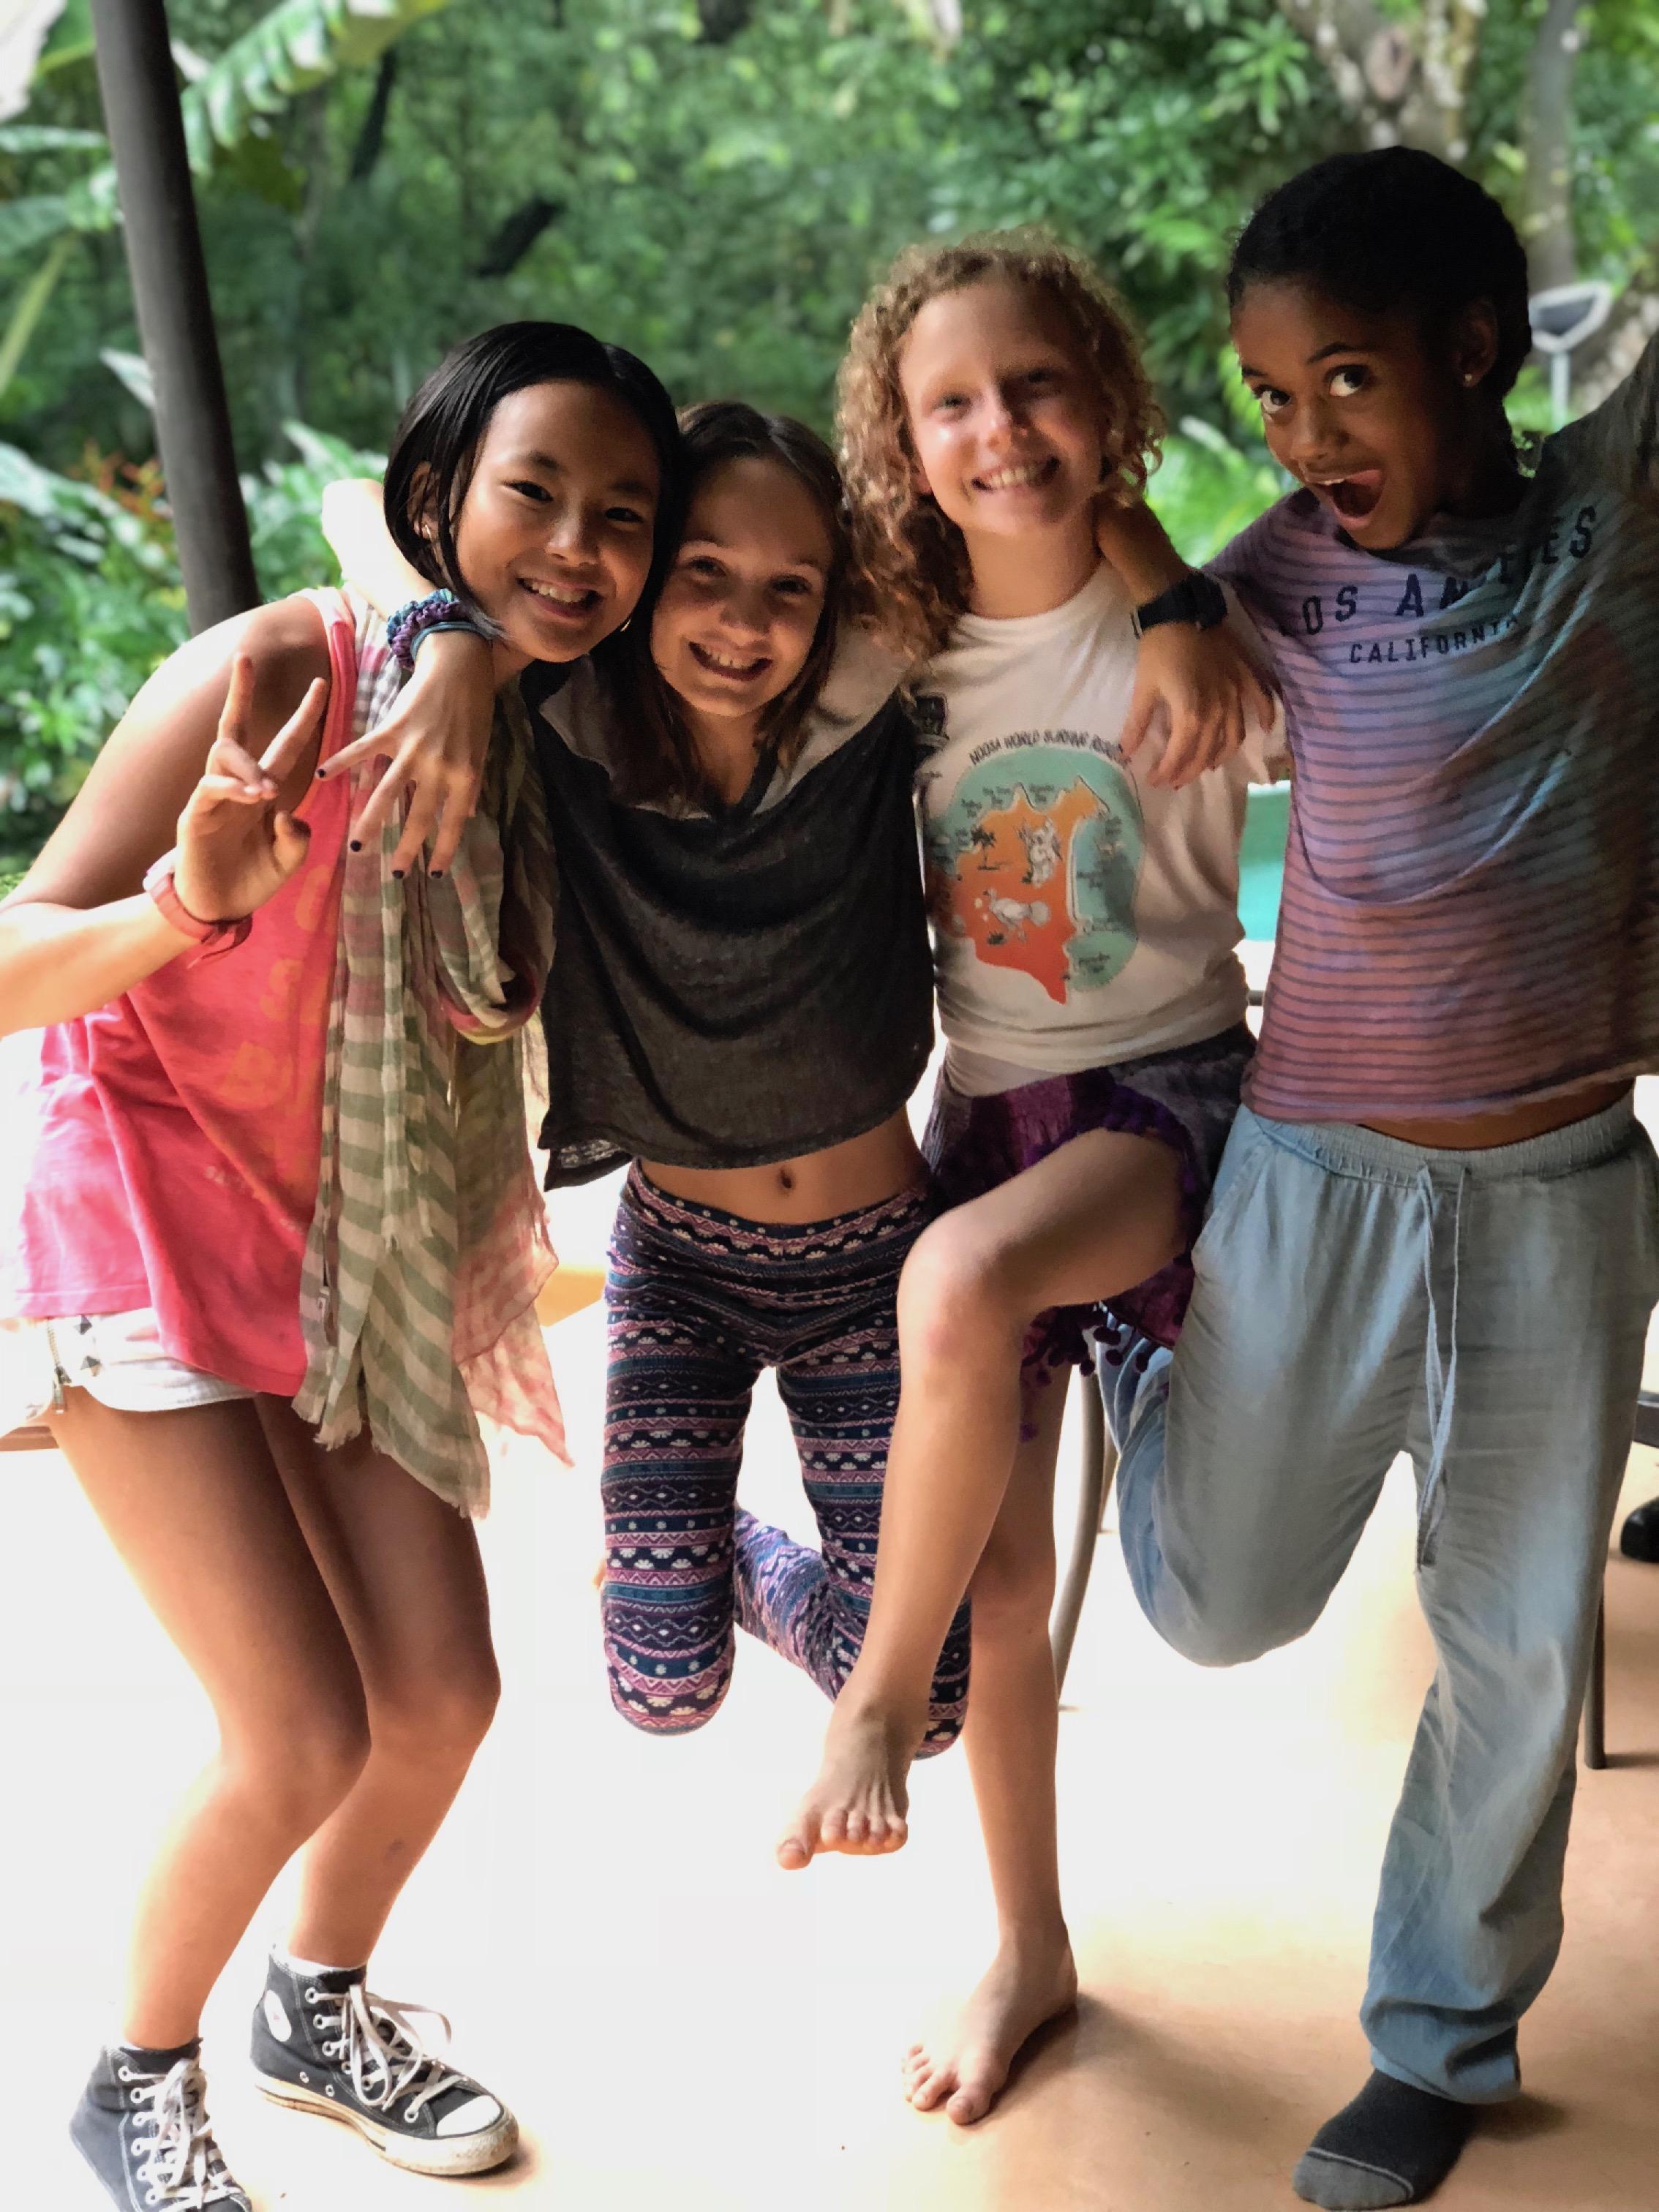 娘は世界中から集まった子どもたちと仲良くなり、英語とスペイン語が堪能になり、のびのび豊かに成長した。かけがえのない幼少期!